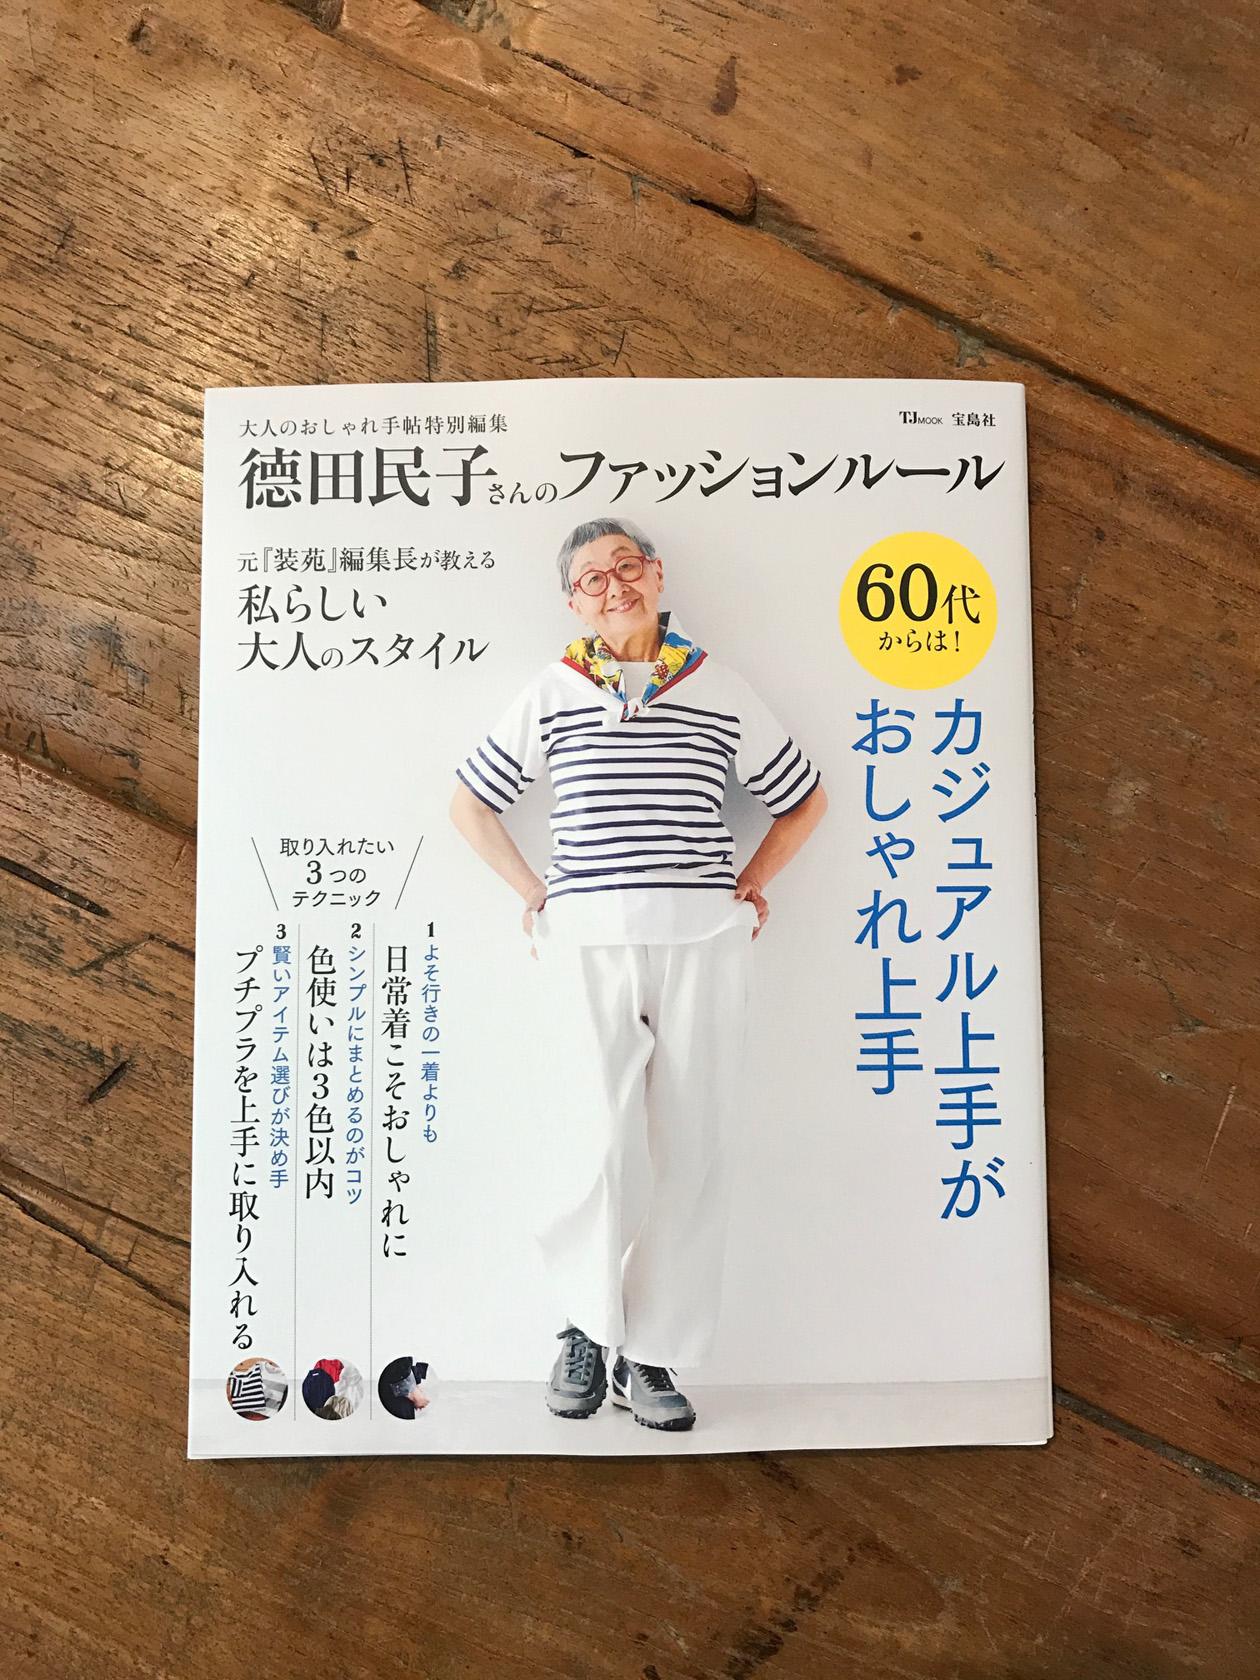 徳田民子さんのファッションルール